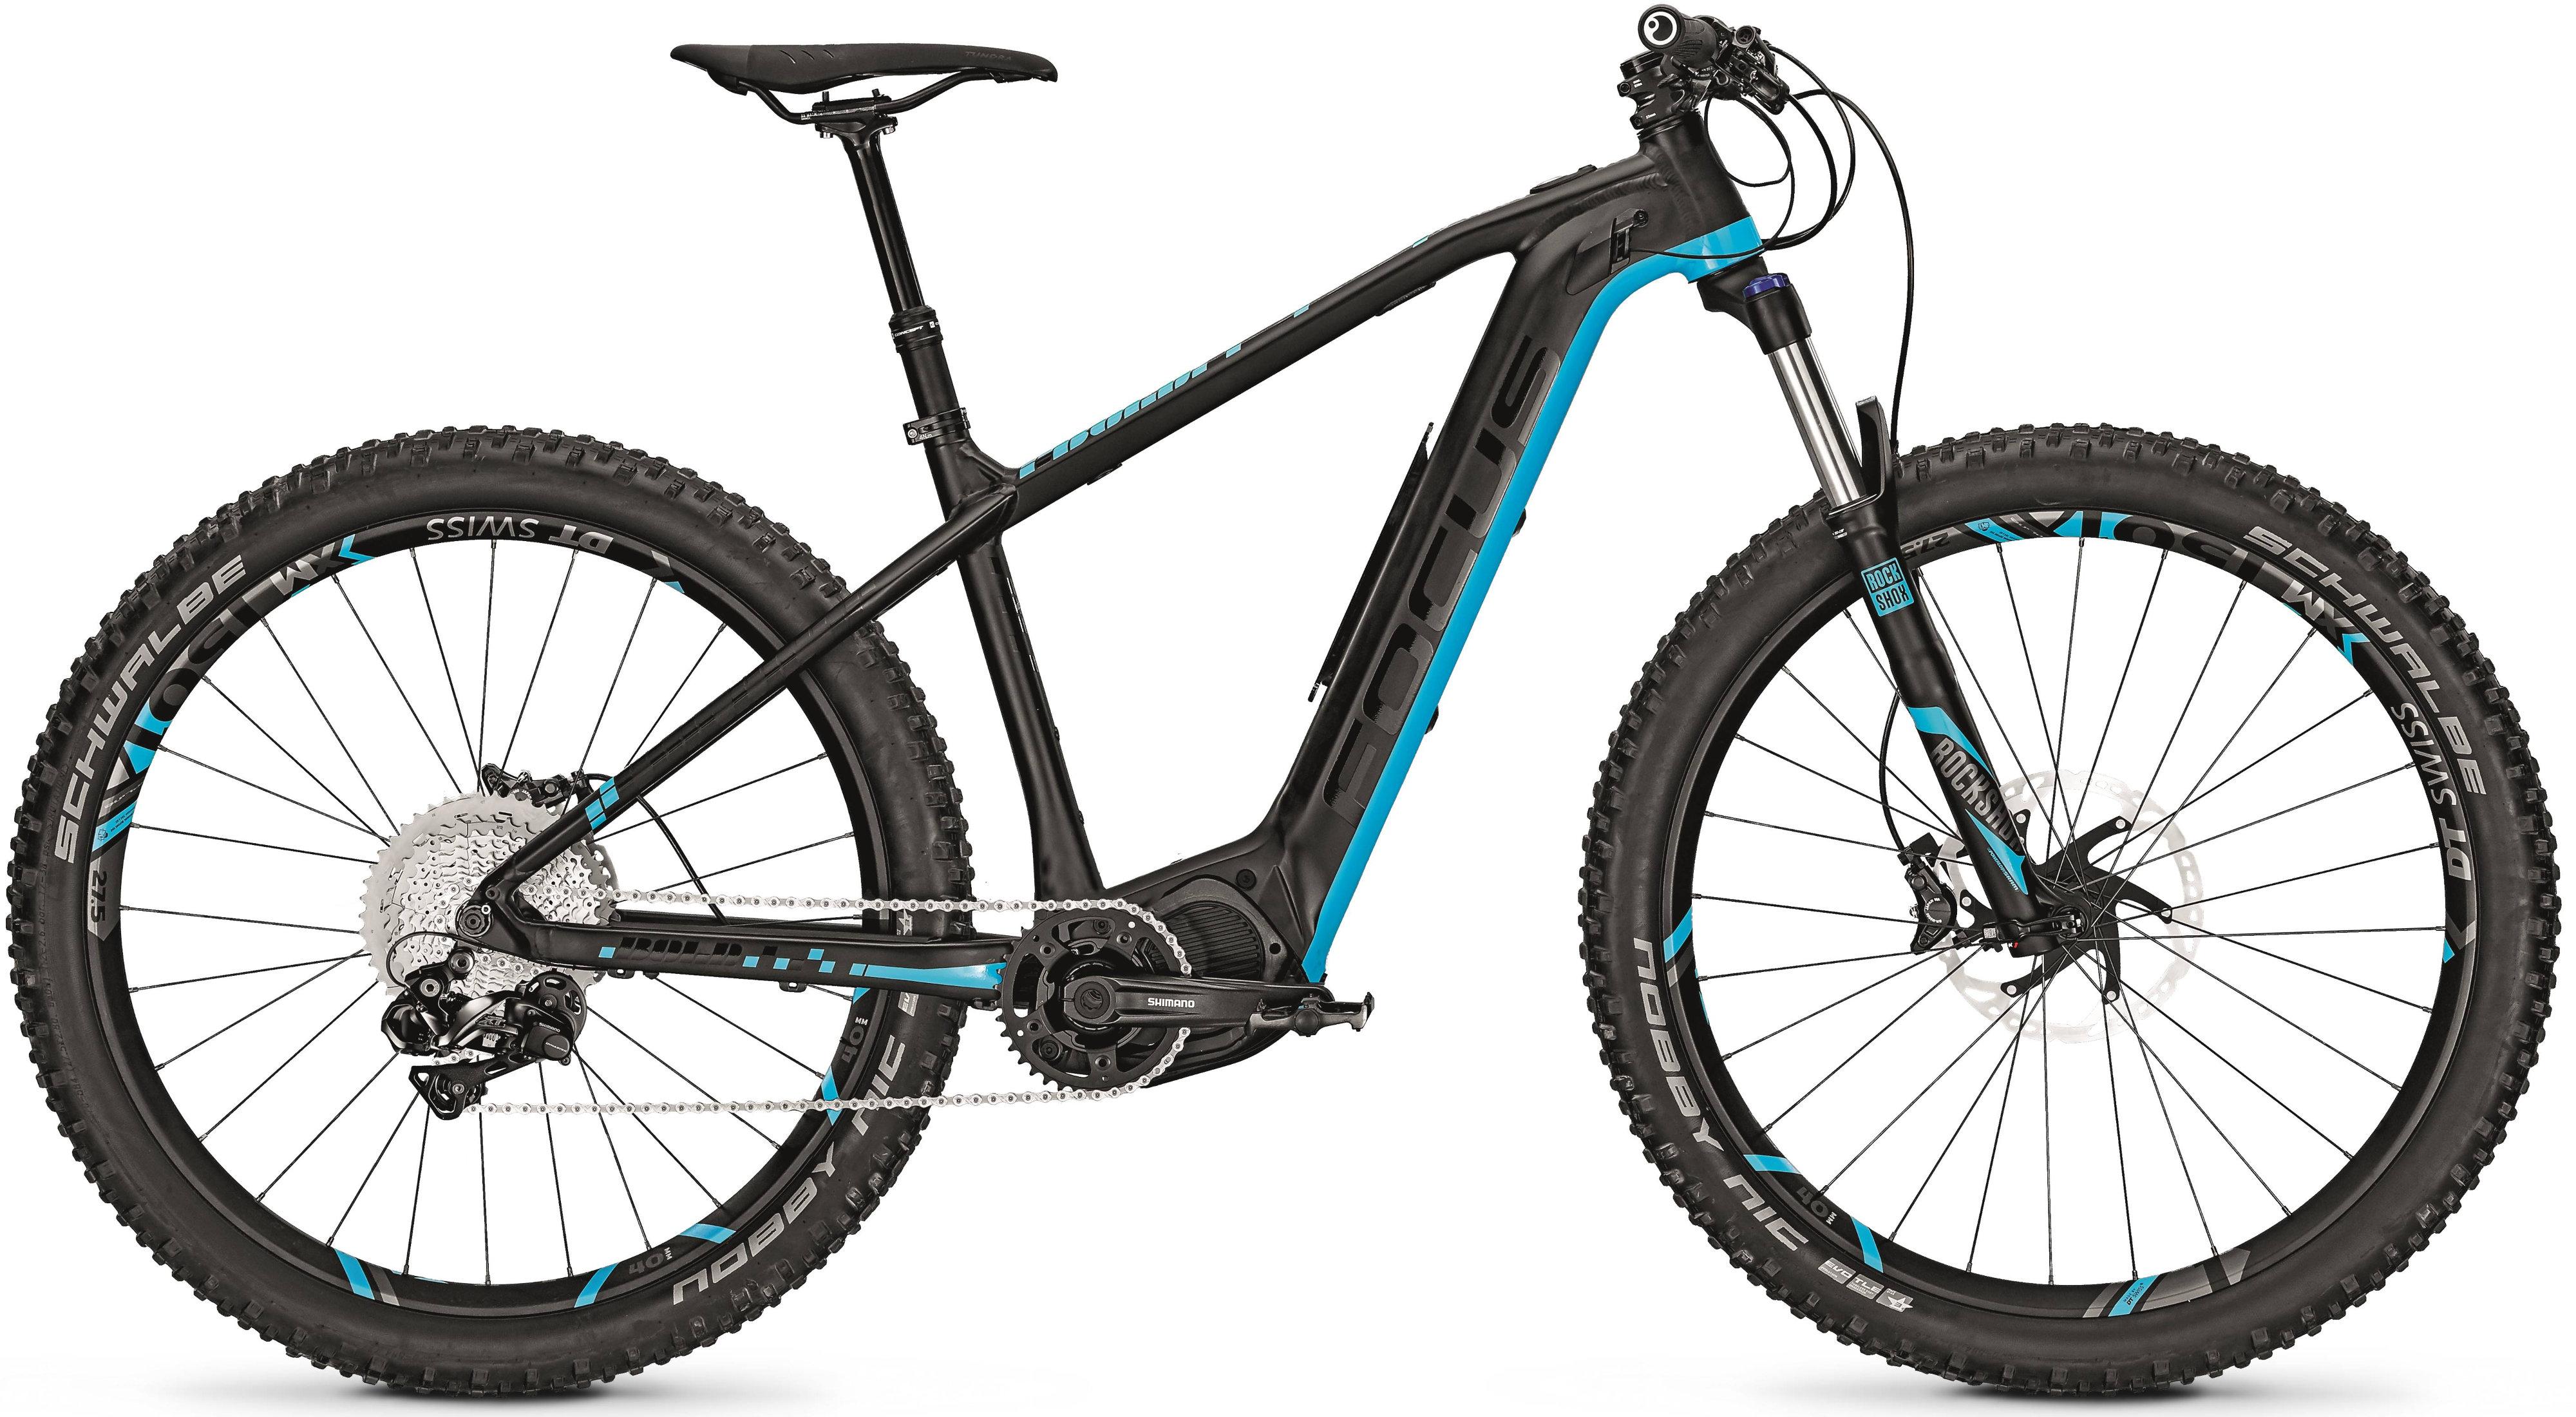 d16d23745e2 Focus Bold2 Plus Pro Electric Bike 2017 Black/Blue £3,399.99